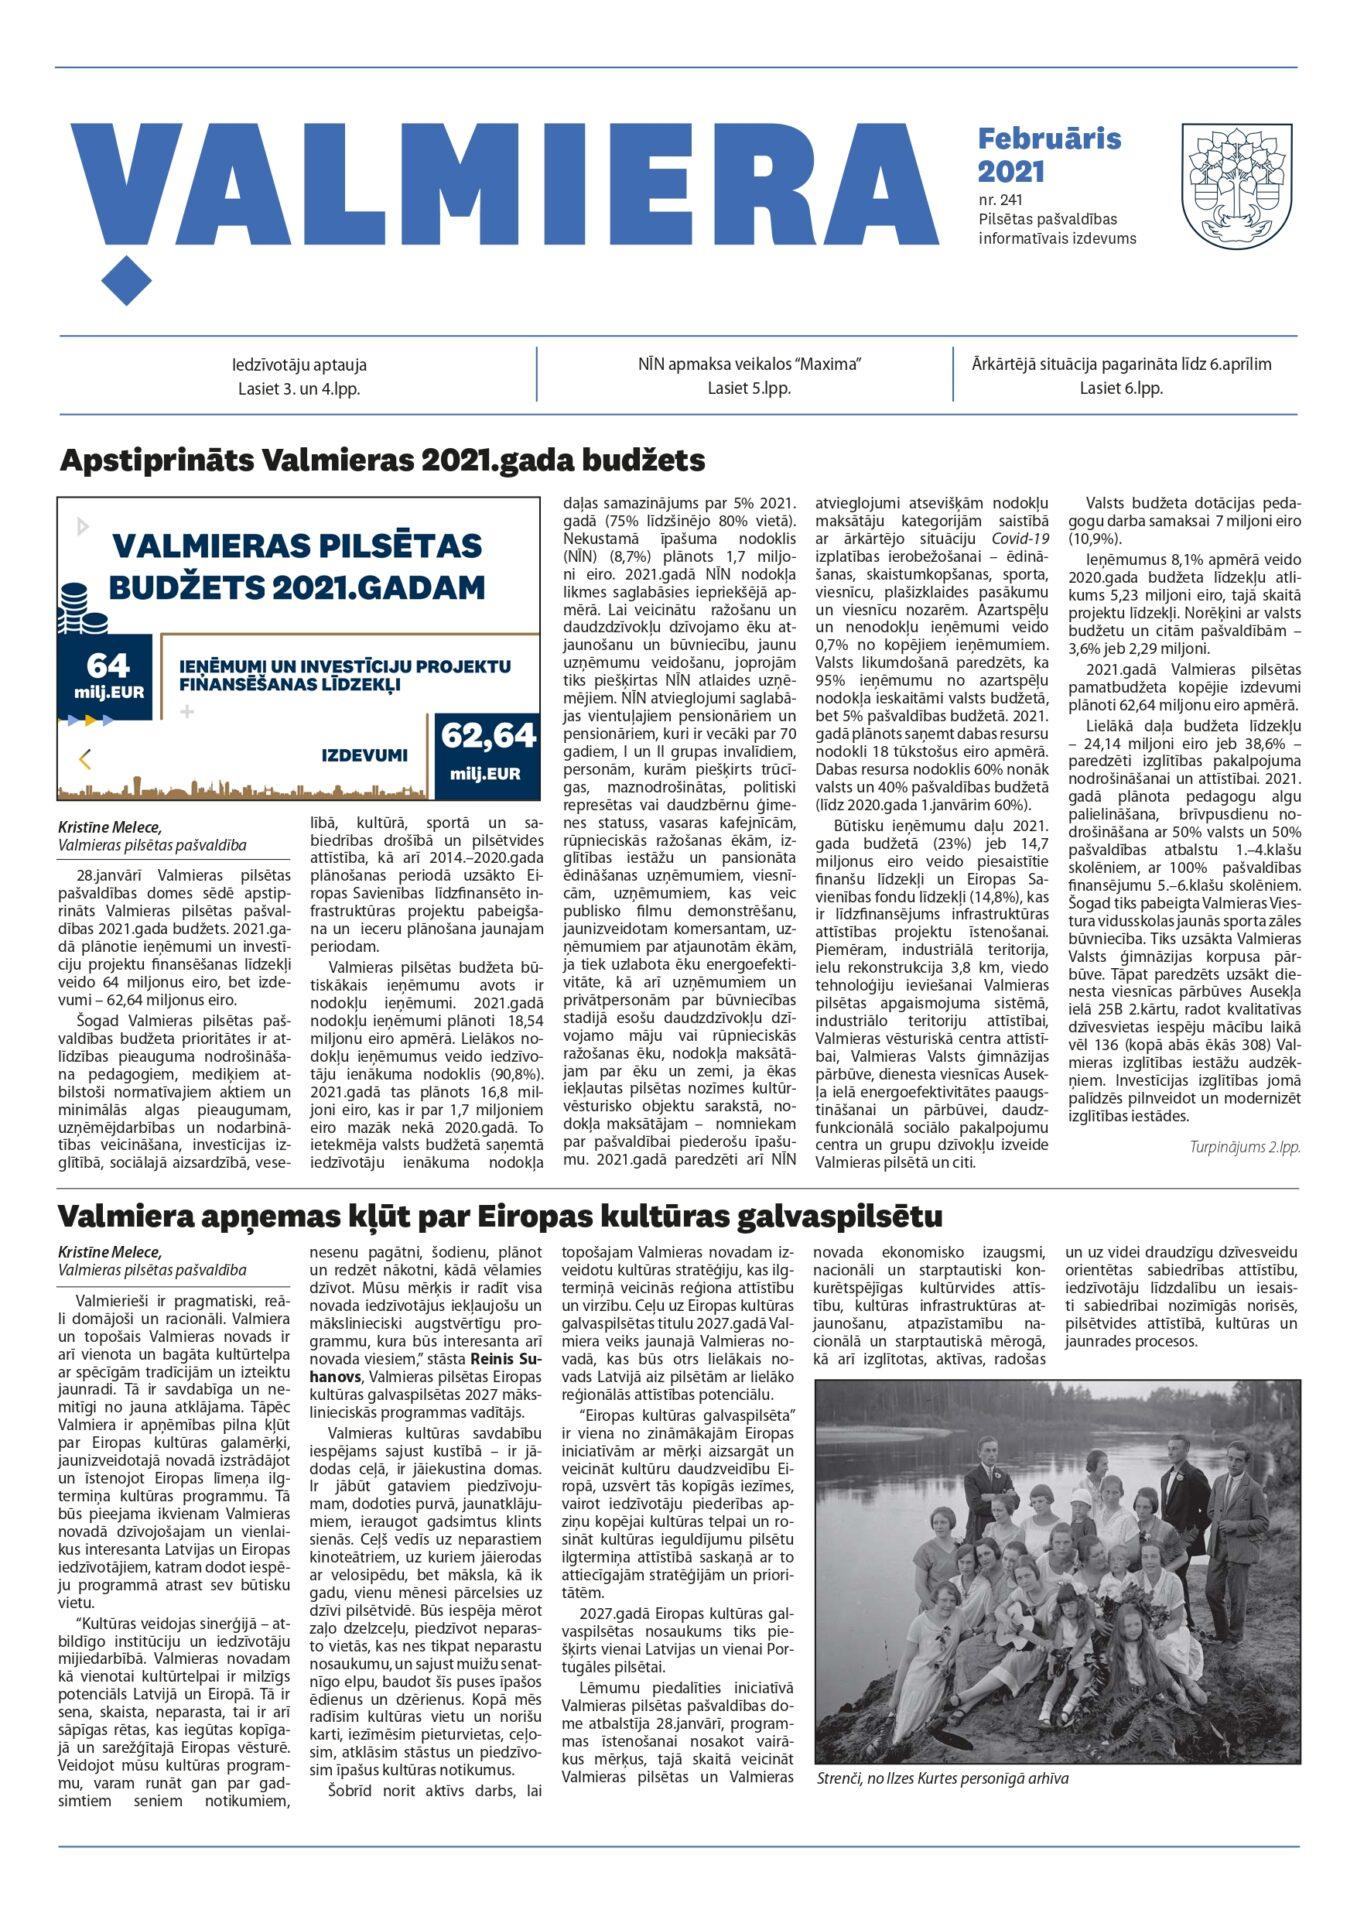 Valmieras pilsētas pašvaldības informatīvais izdevums februāris